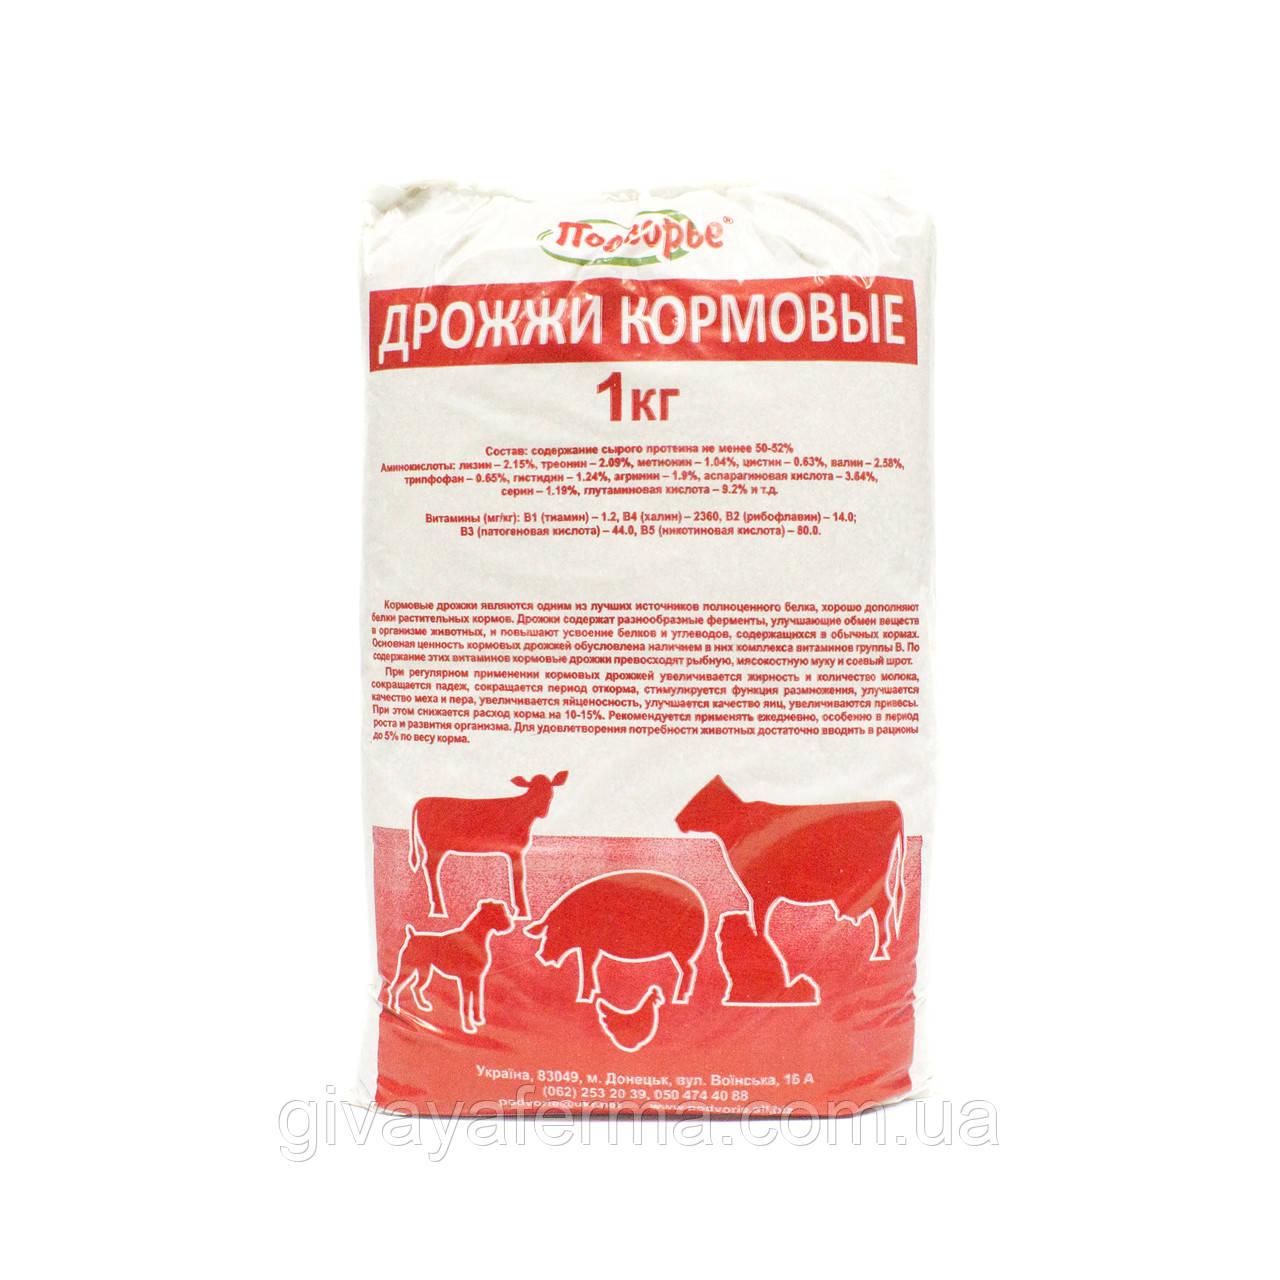 Дрожжи кормовые Протеин 39%, 1 кг, добавка в корм